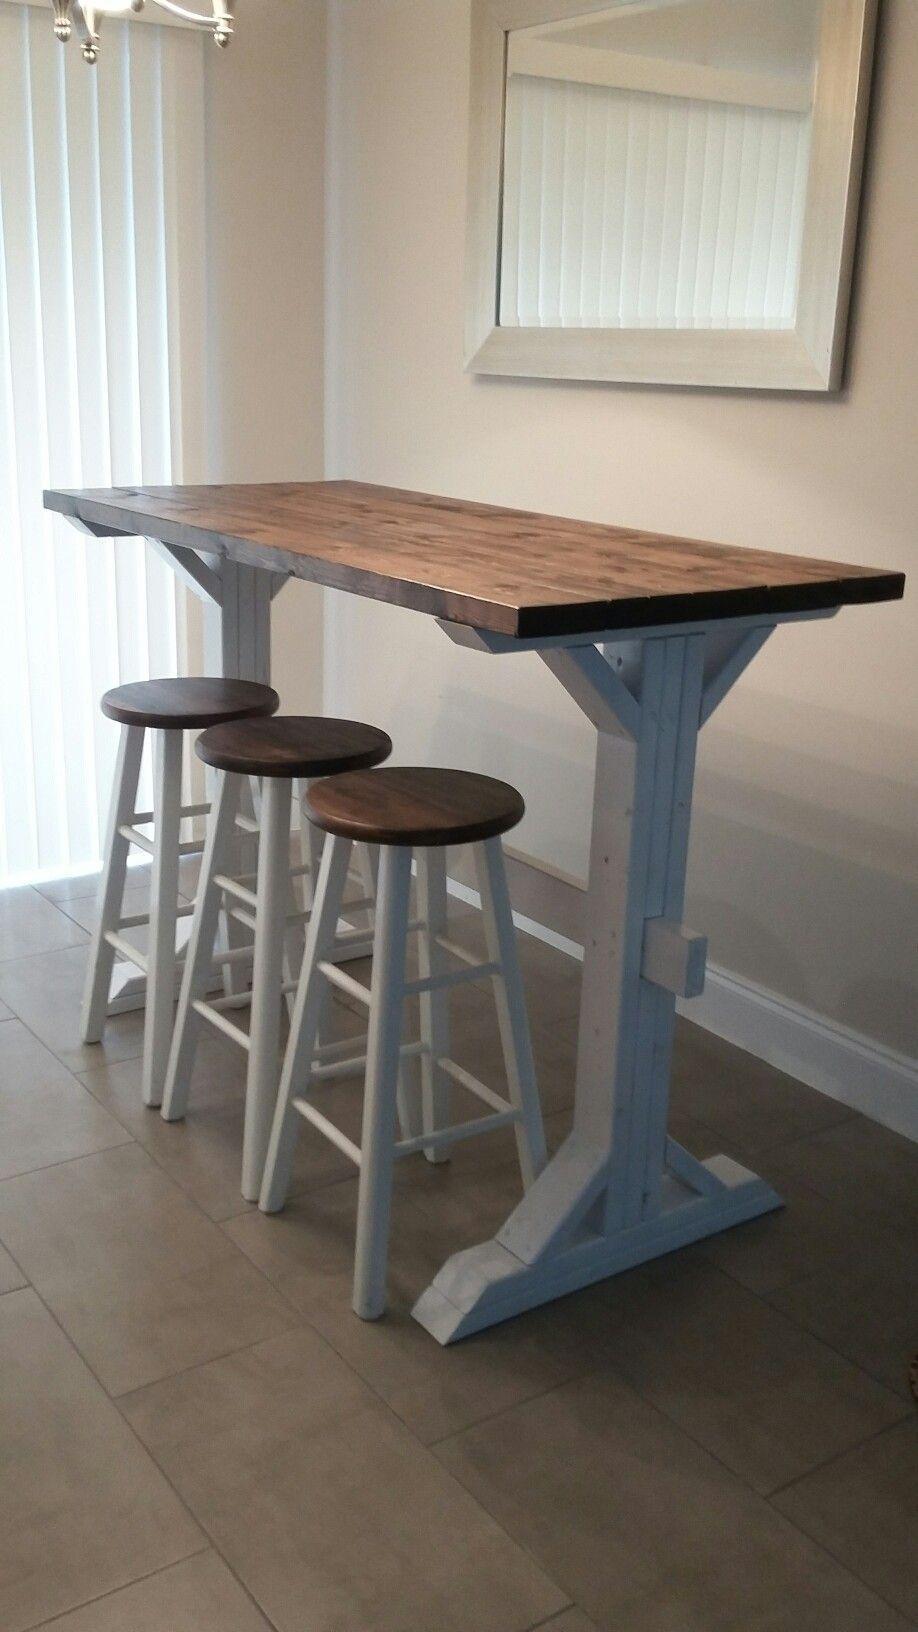 Farmhouse style bar height table   Deko tisch, Küche mit theke ...